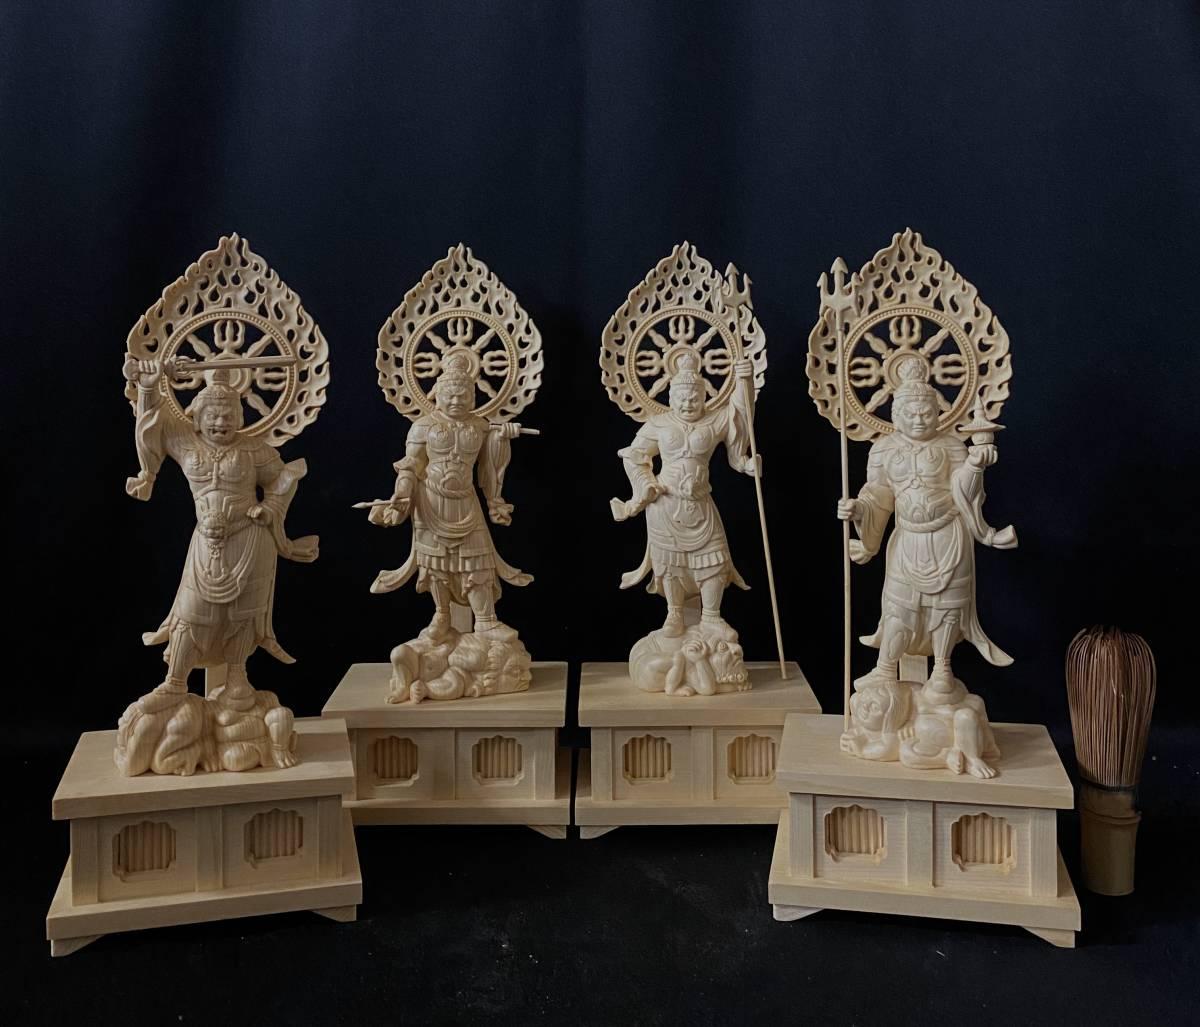 最高級 仏教工芸品 総檜材 井波彫刻 精密彫刻 極上品 木彫仏教 仏師で仕上げ品 四天王立像一式